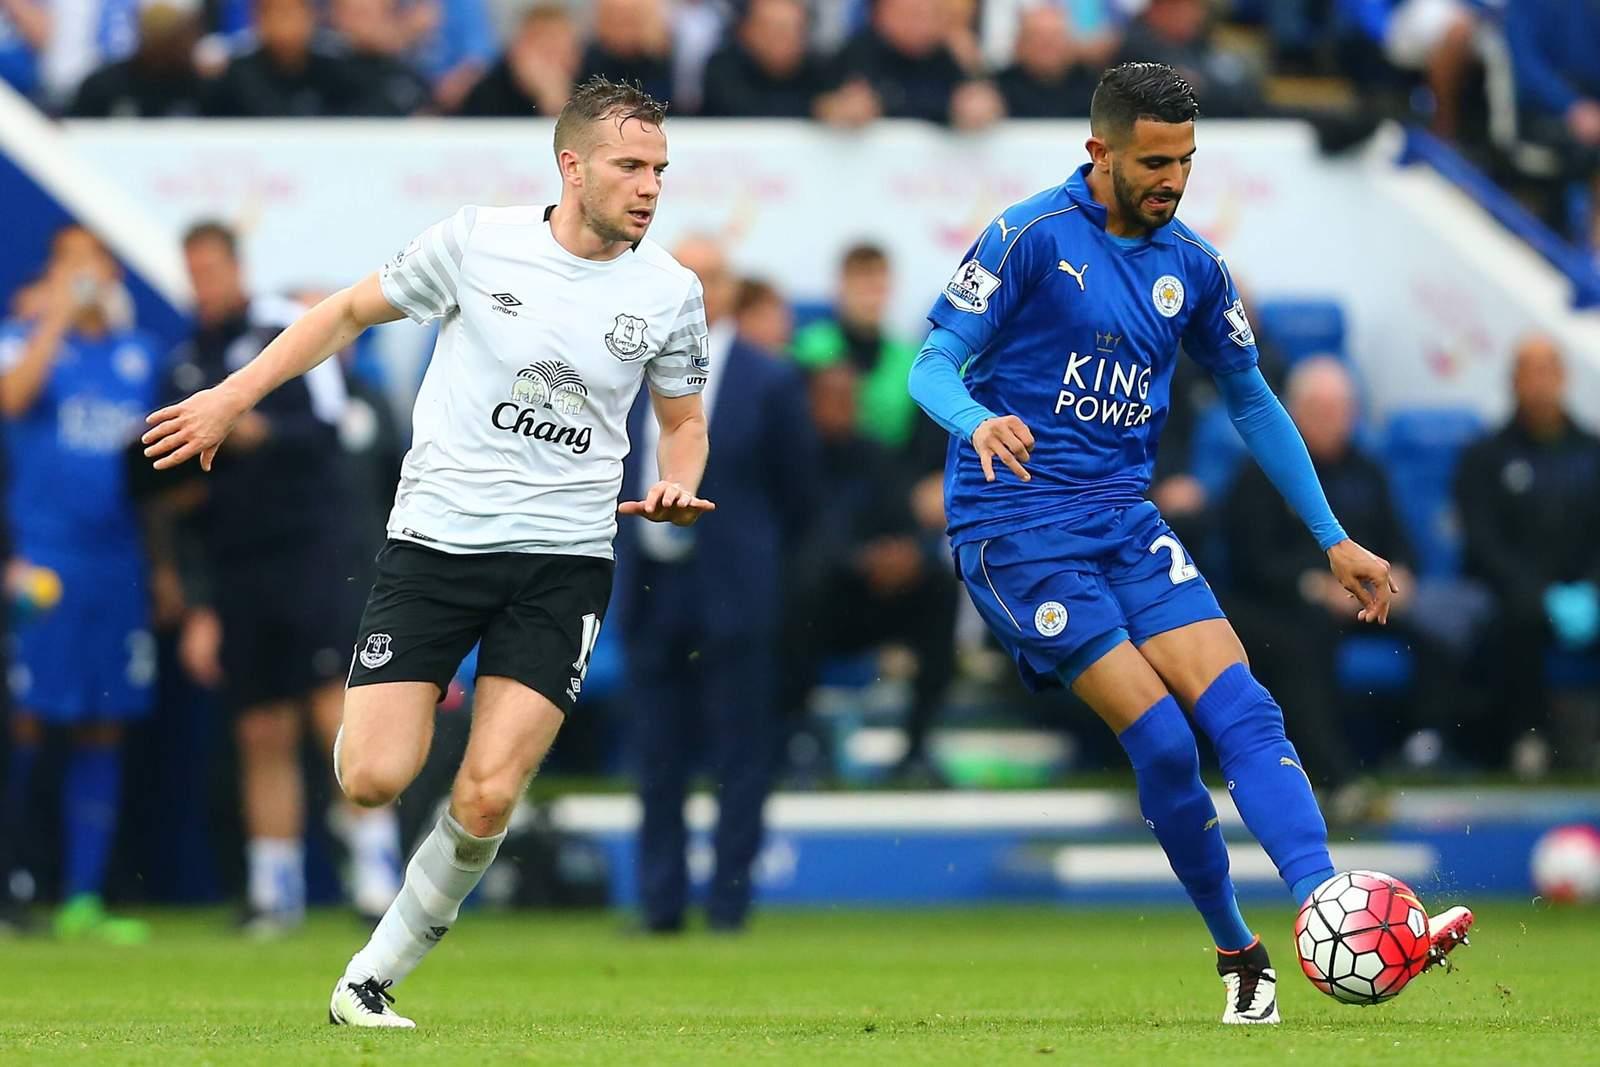 Setzt sich Mahrez gegen Cleverley durch? Jetzt auf Leicester gegen Everton wetten